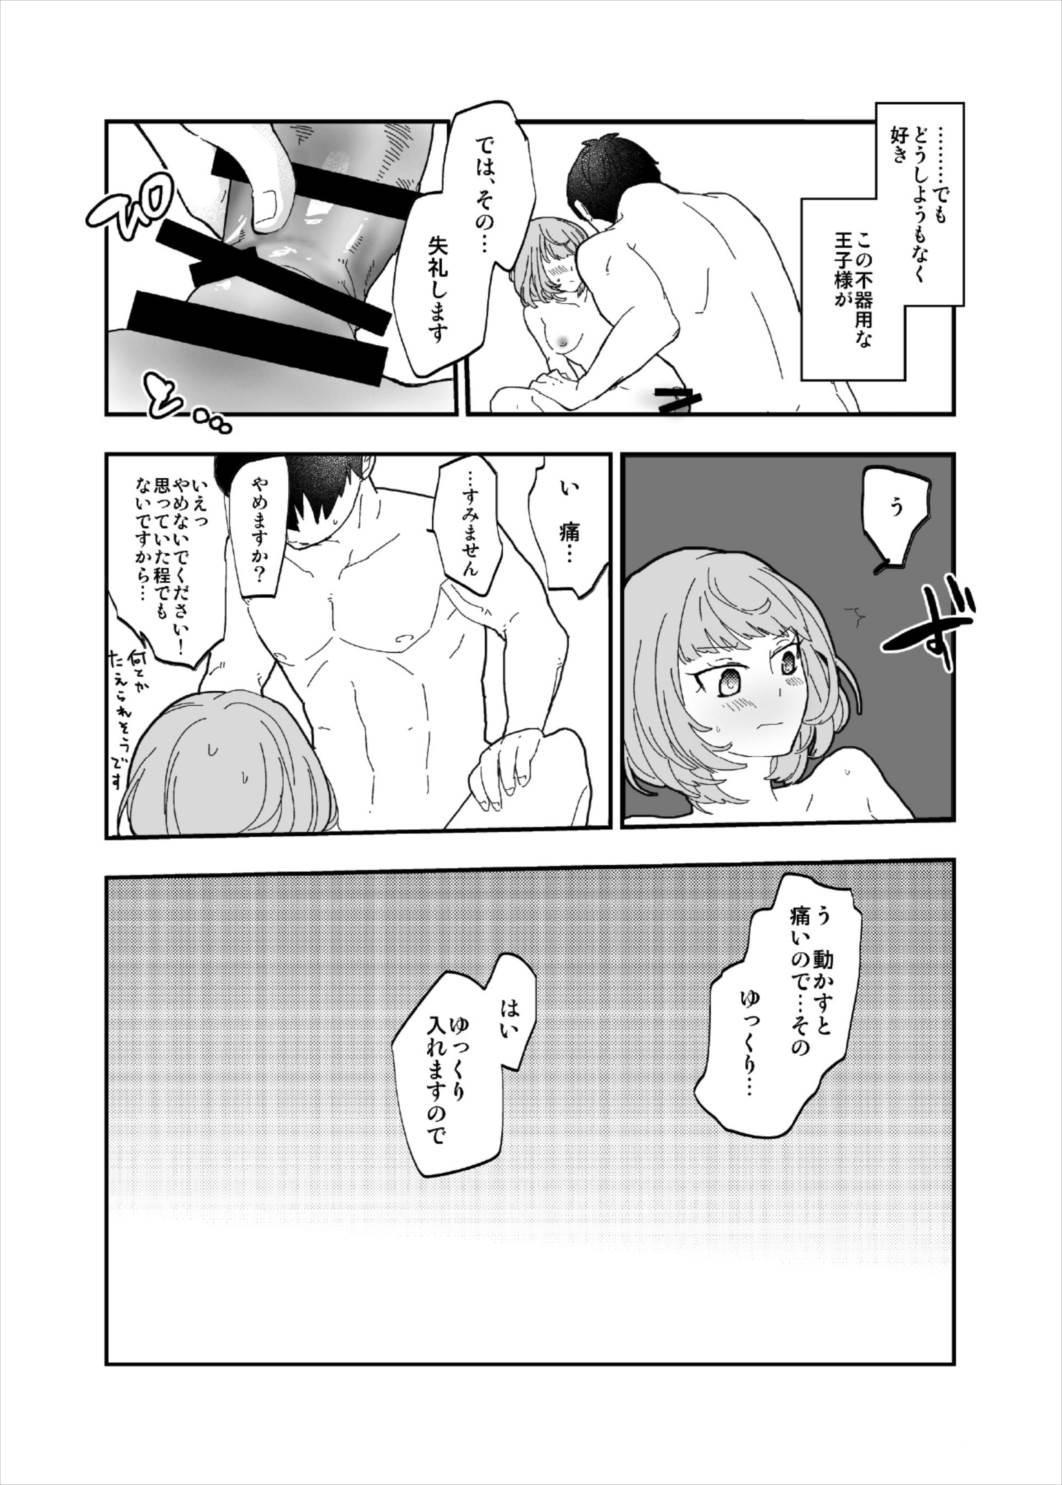 Takeuchi P to Takagaki Kaede-san ga Hatsu H de Mechakucha Ichaicha Suru Hon 10